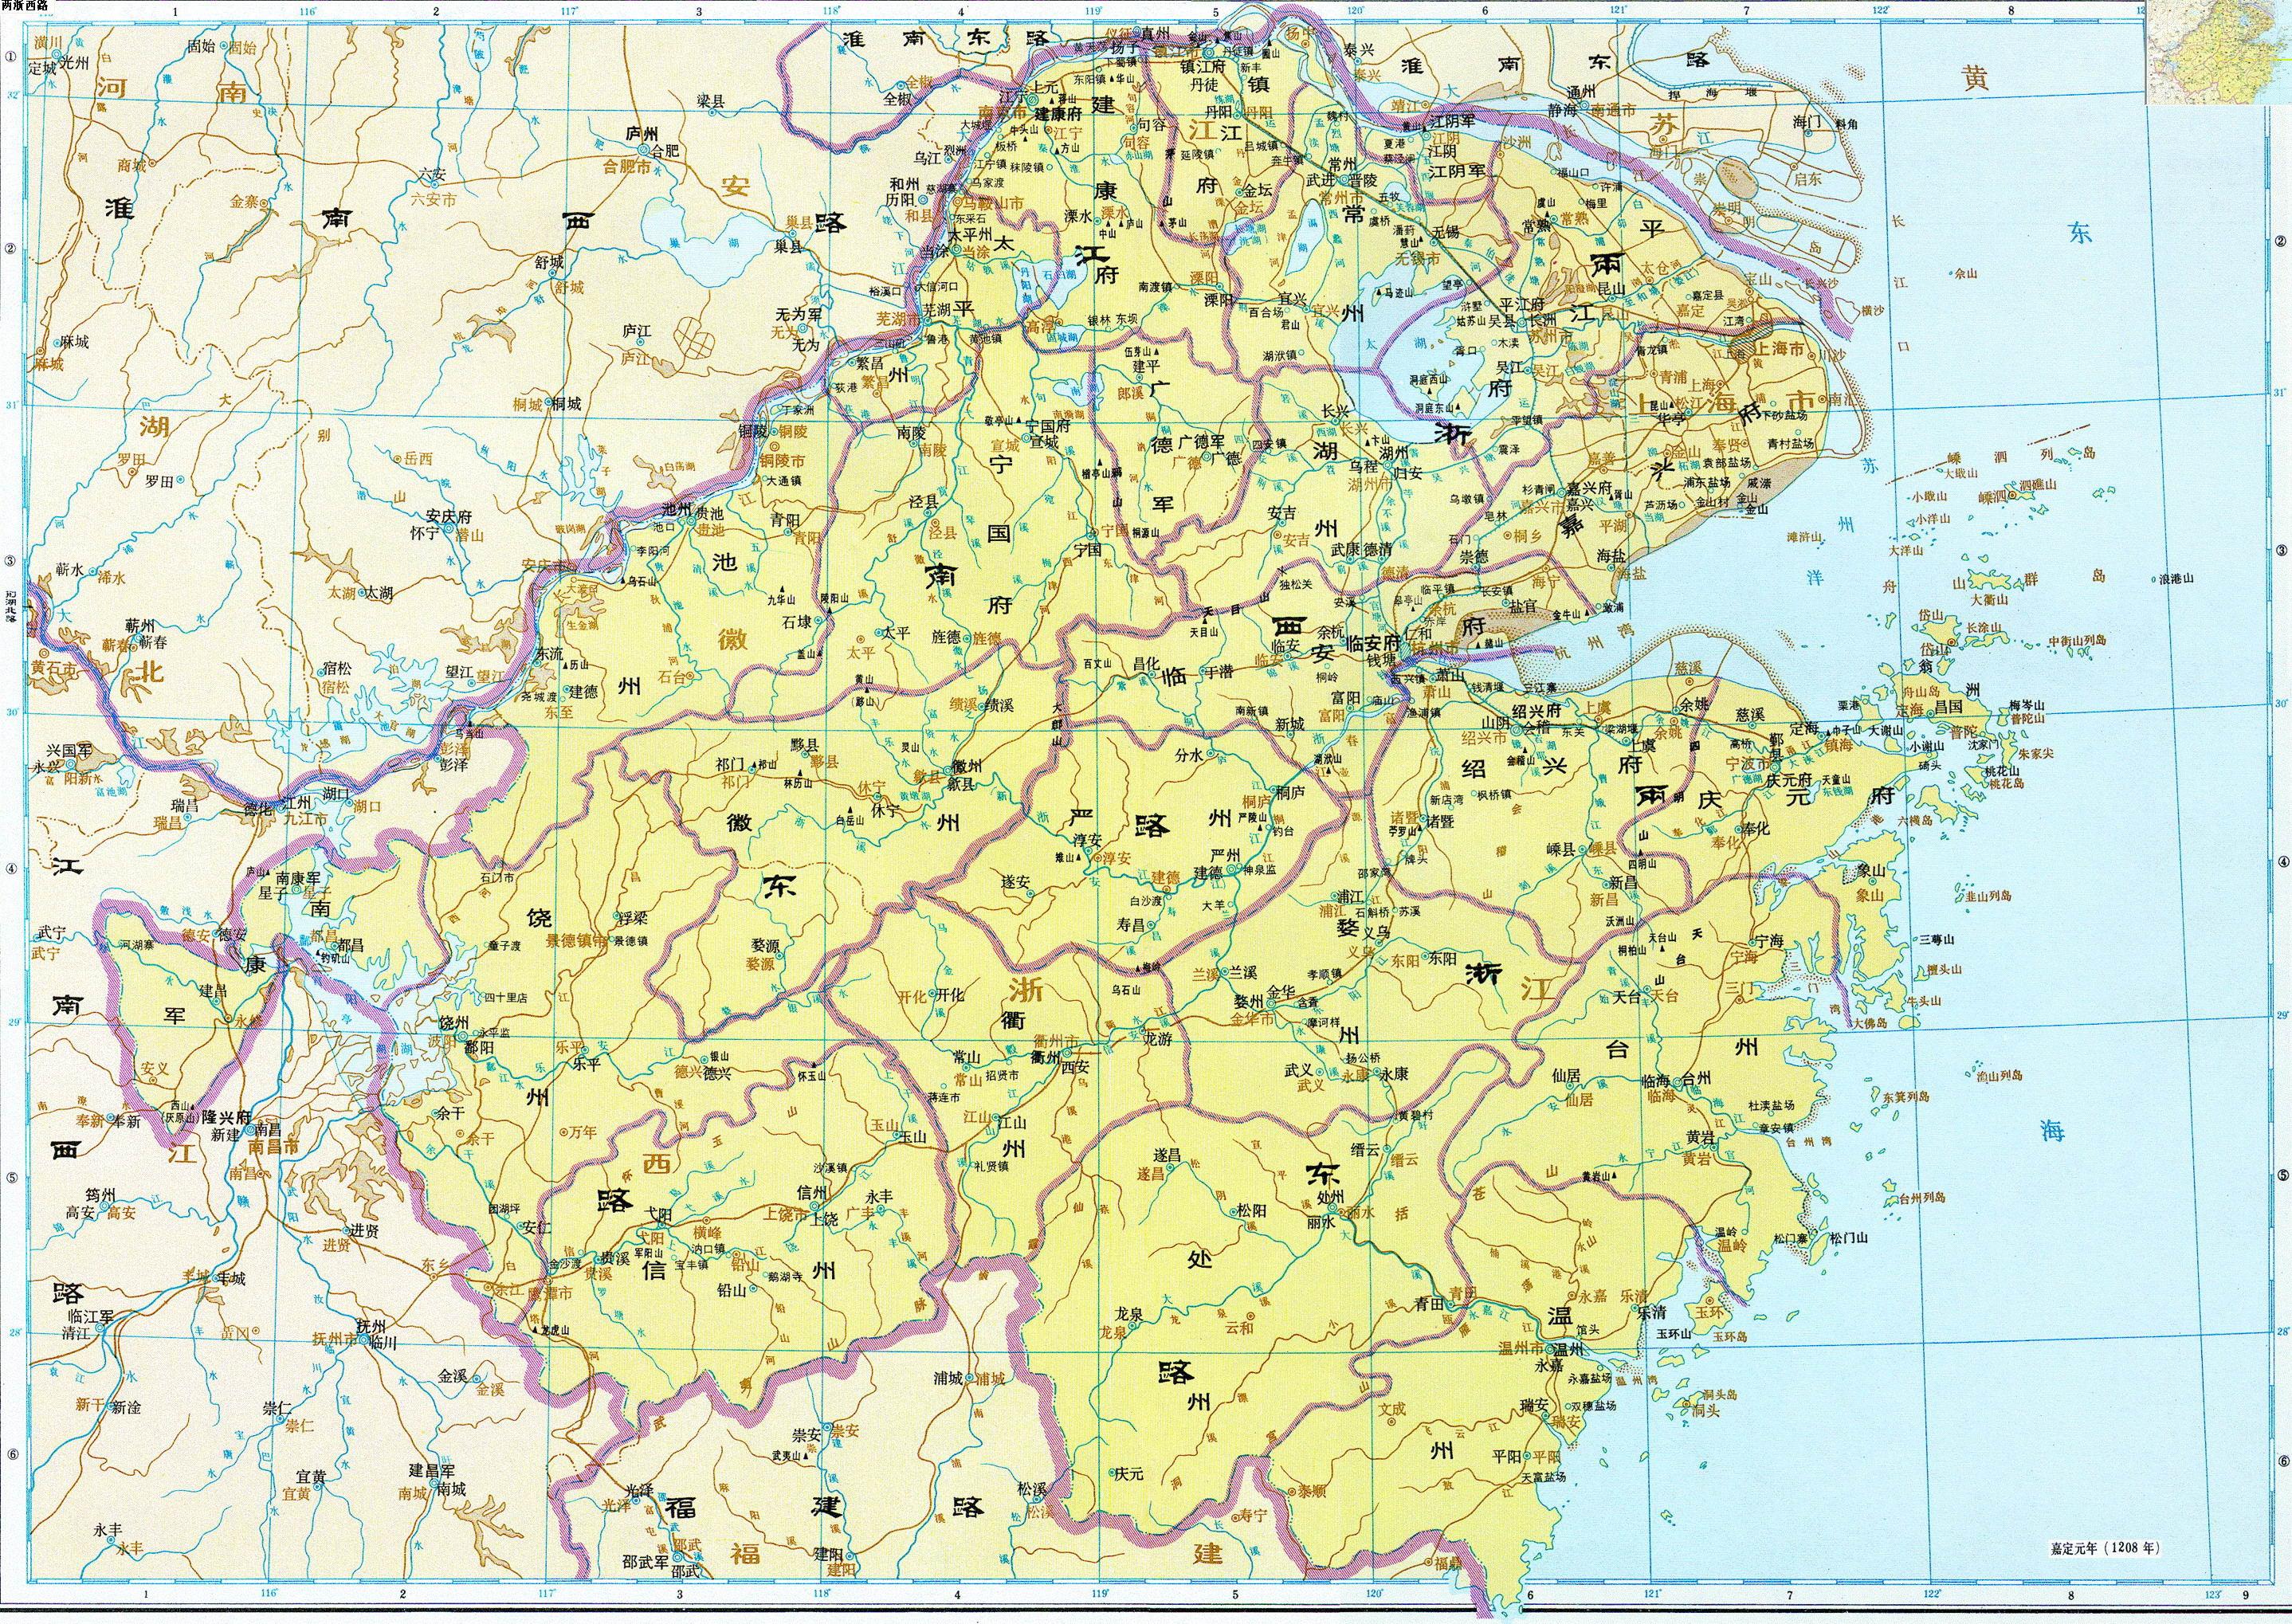 地图 江南东路/历史地图:两浙西路两浙东路江南东路(金、南宋)